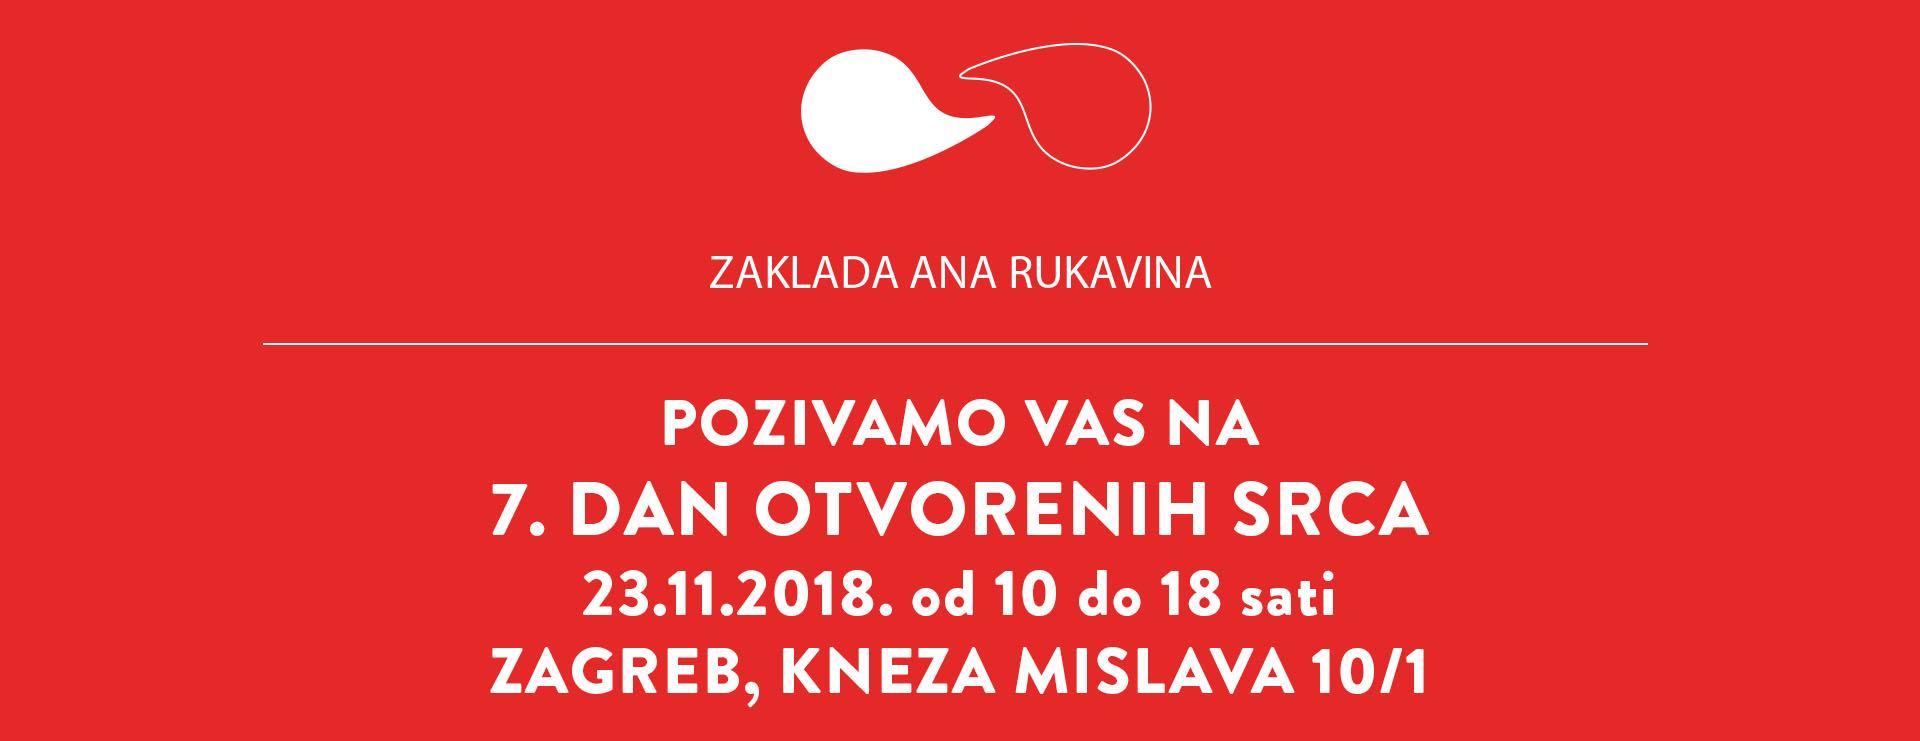 Zaklada Ana Rukavina održava sedmi 'Dan otvorenih srca'